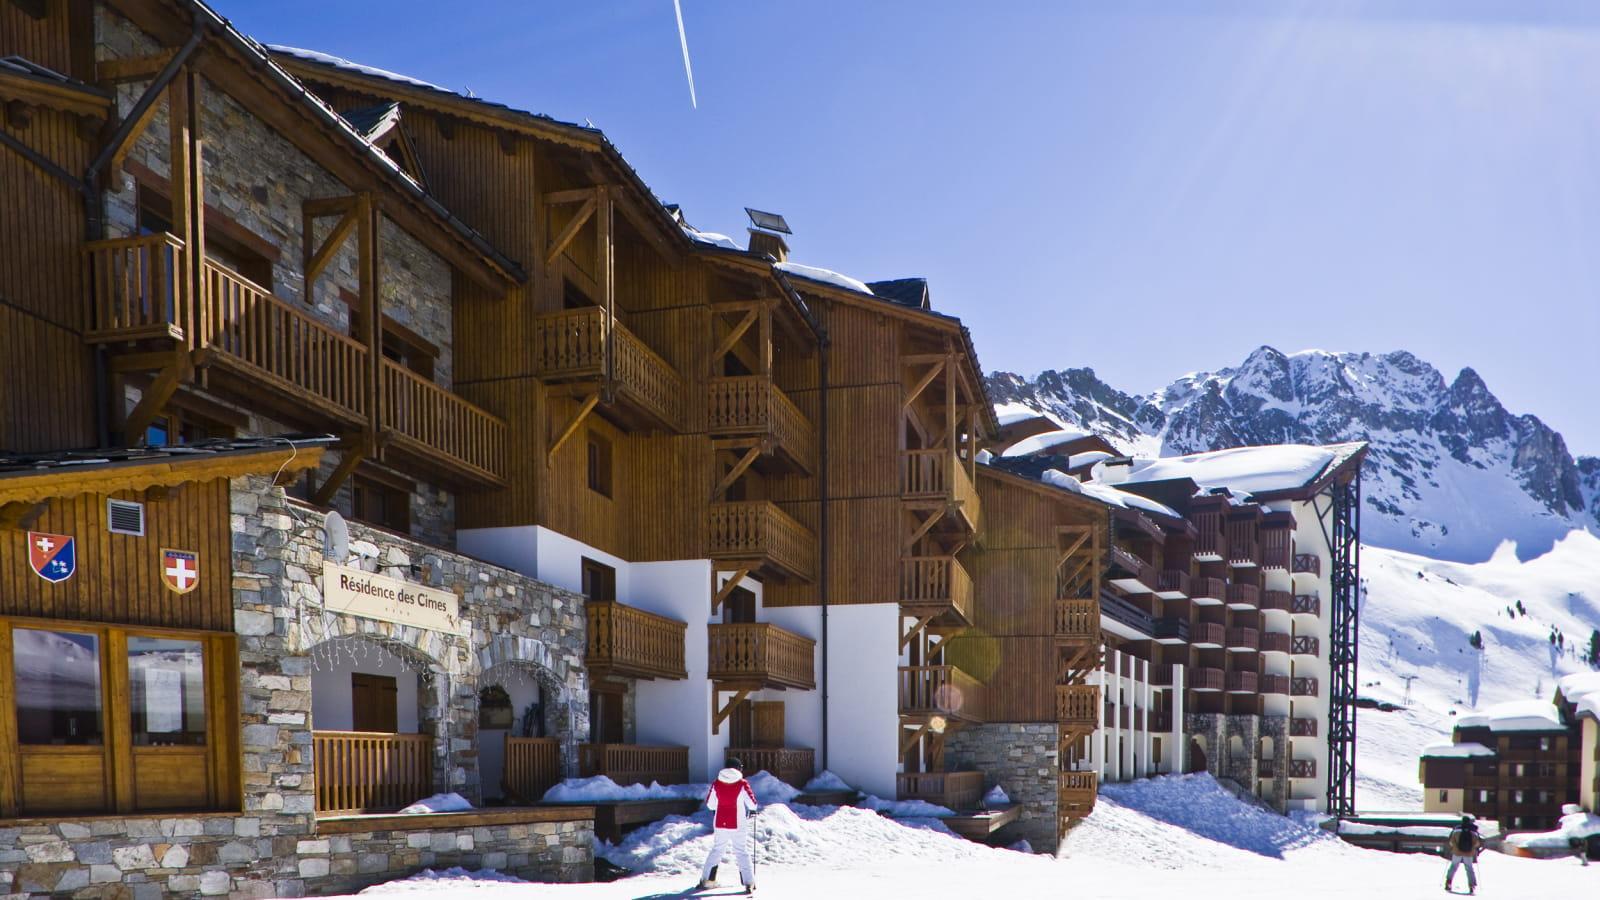 chalets-montagnettes-savoie-alpes-snow-ski-seminires-de-caractere-3